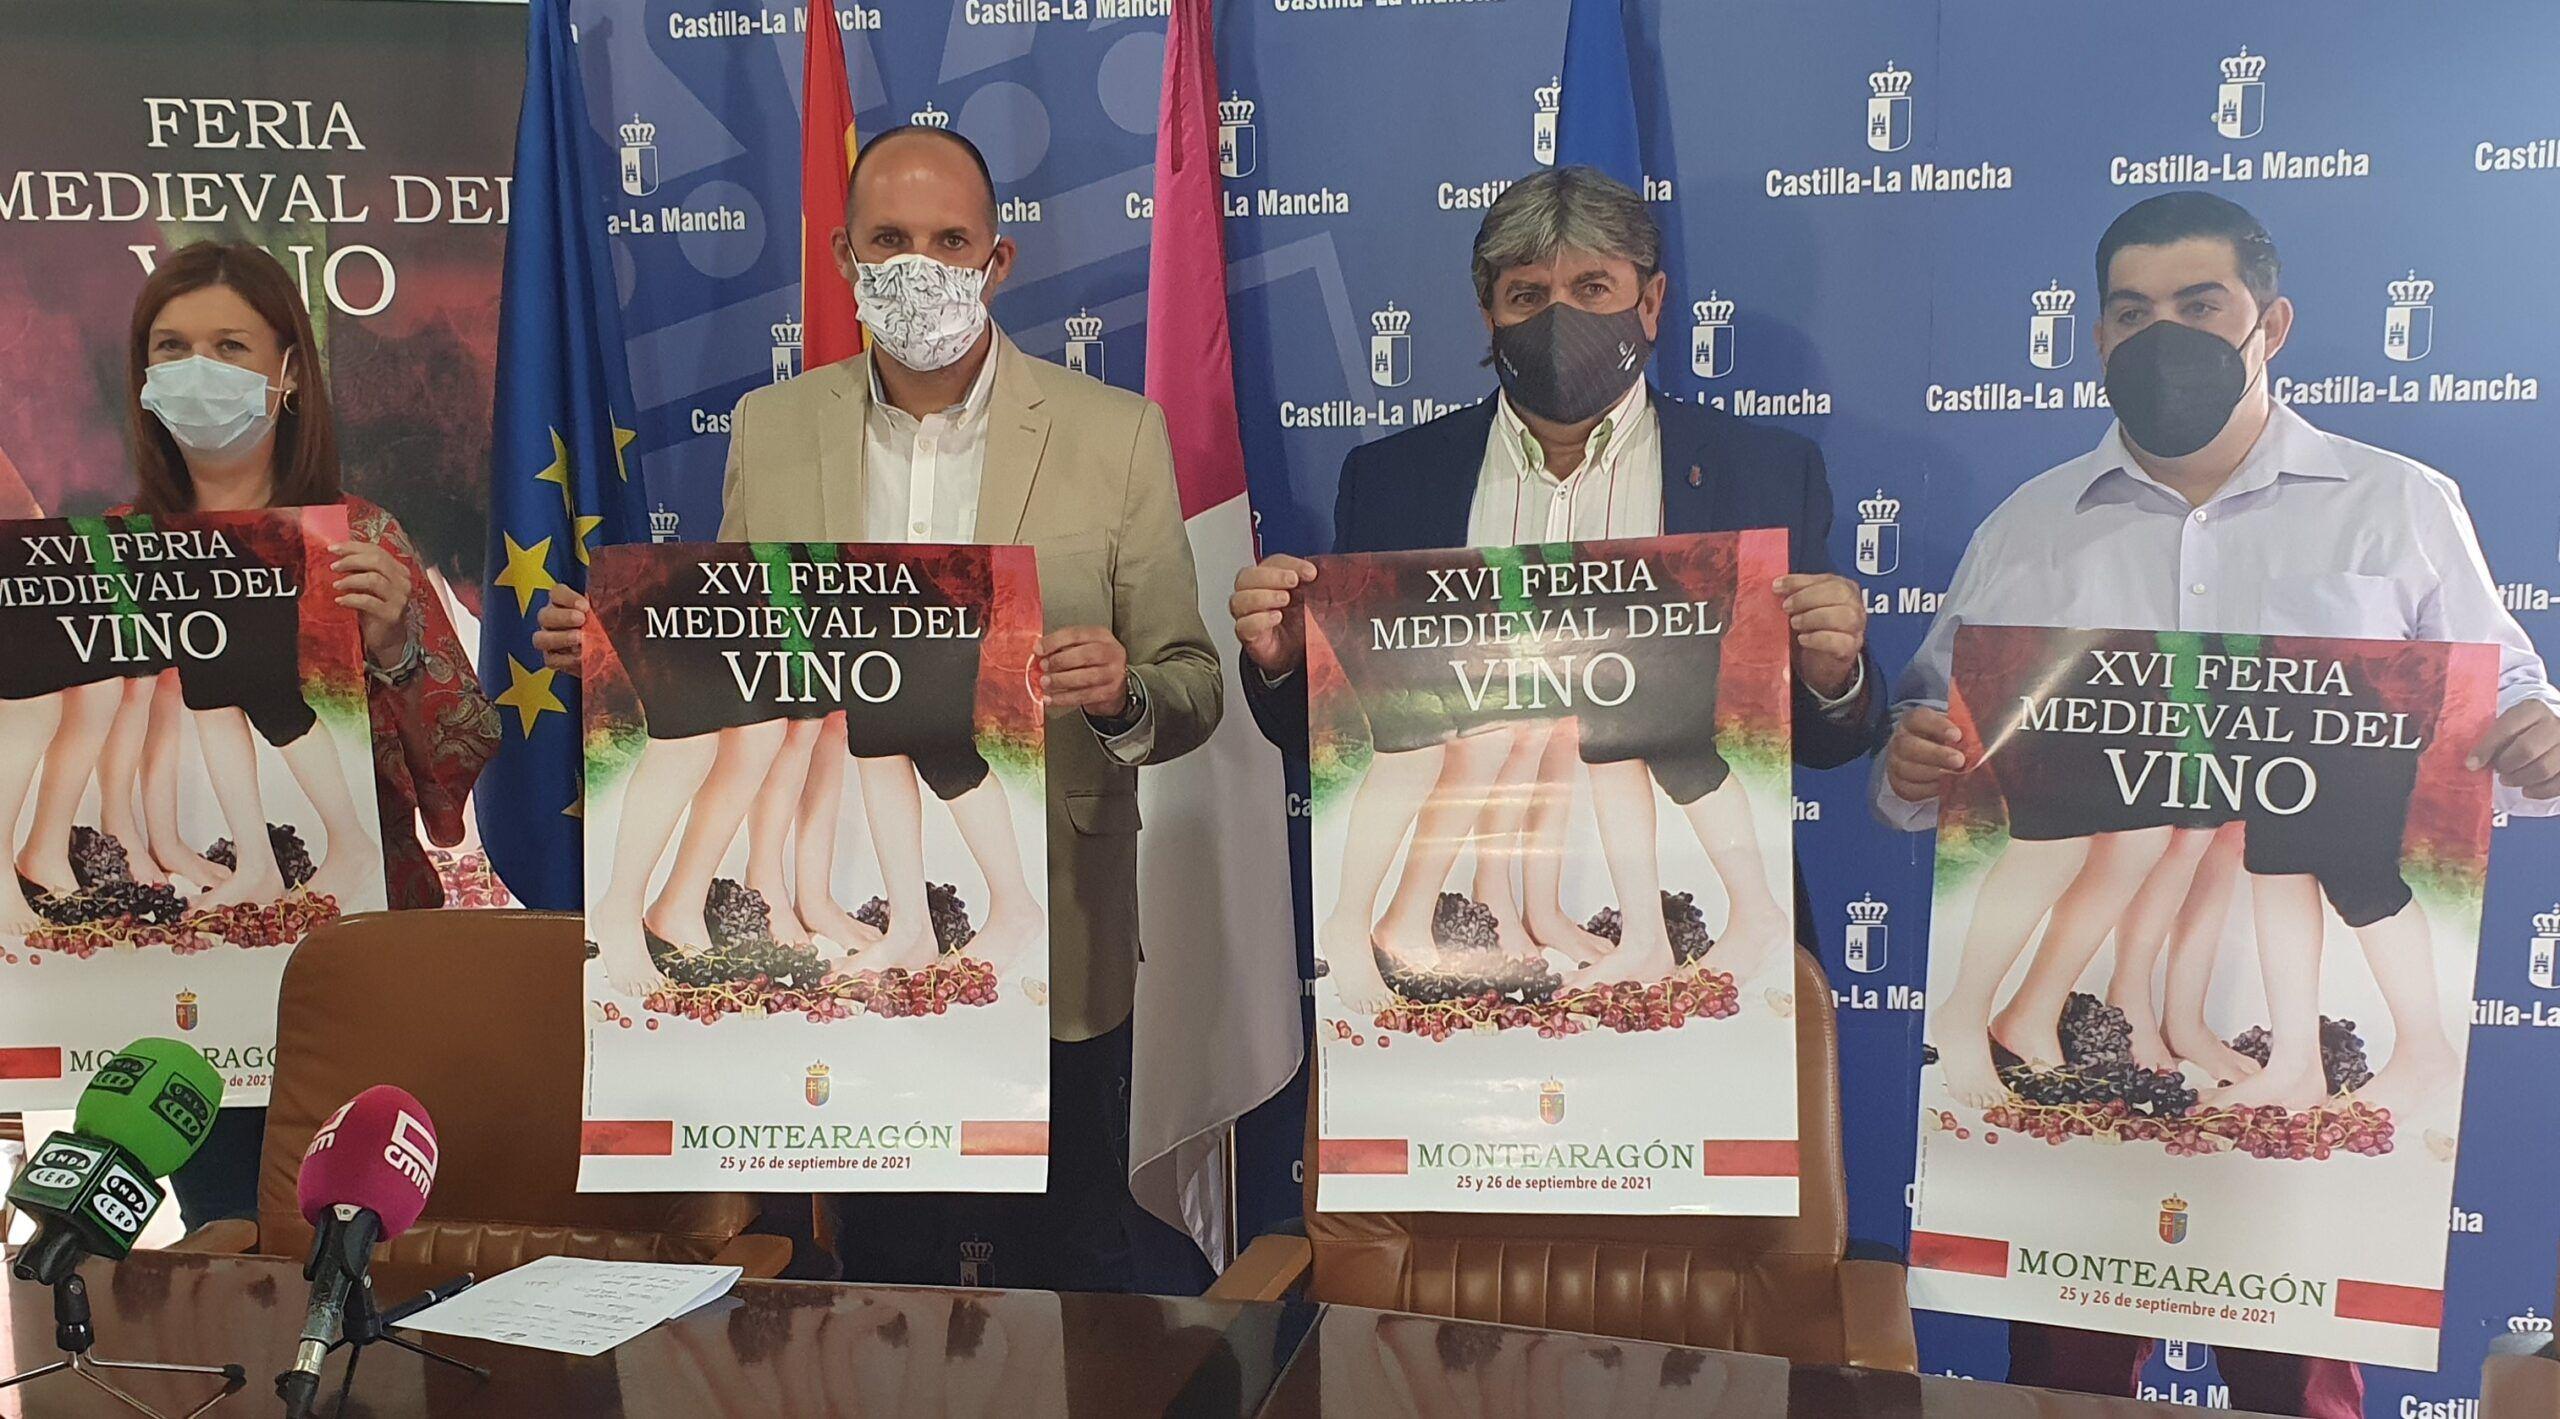 El Gobierno regional destaca la vuelta a la presencialidad de la XVI Feria Medieval del Vino, garantizando la seguridad para que los visitantes conozcan y disfruten los vinos de la DO Méntrida